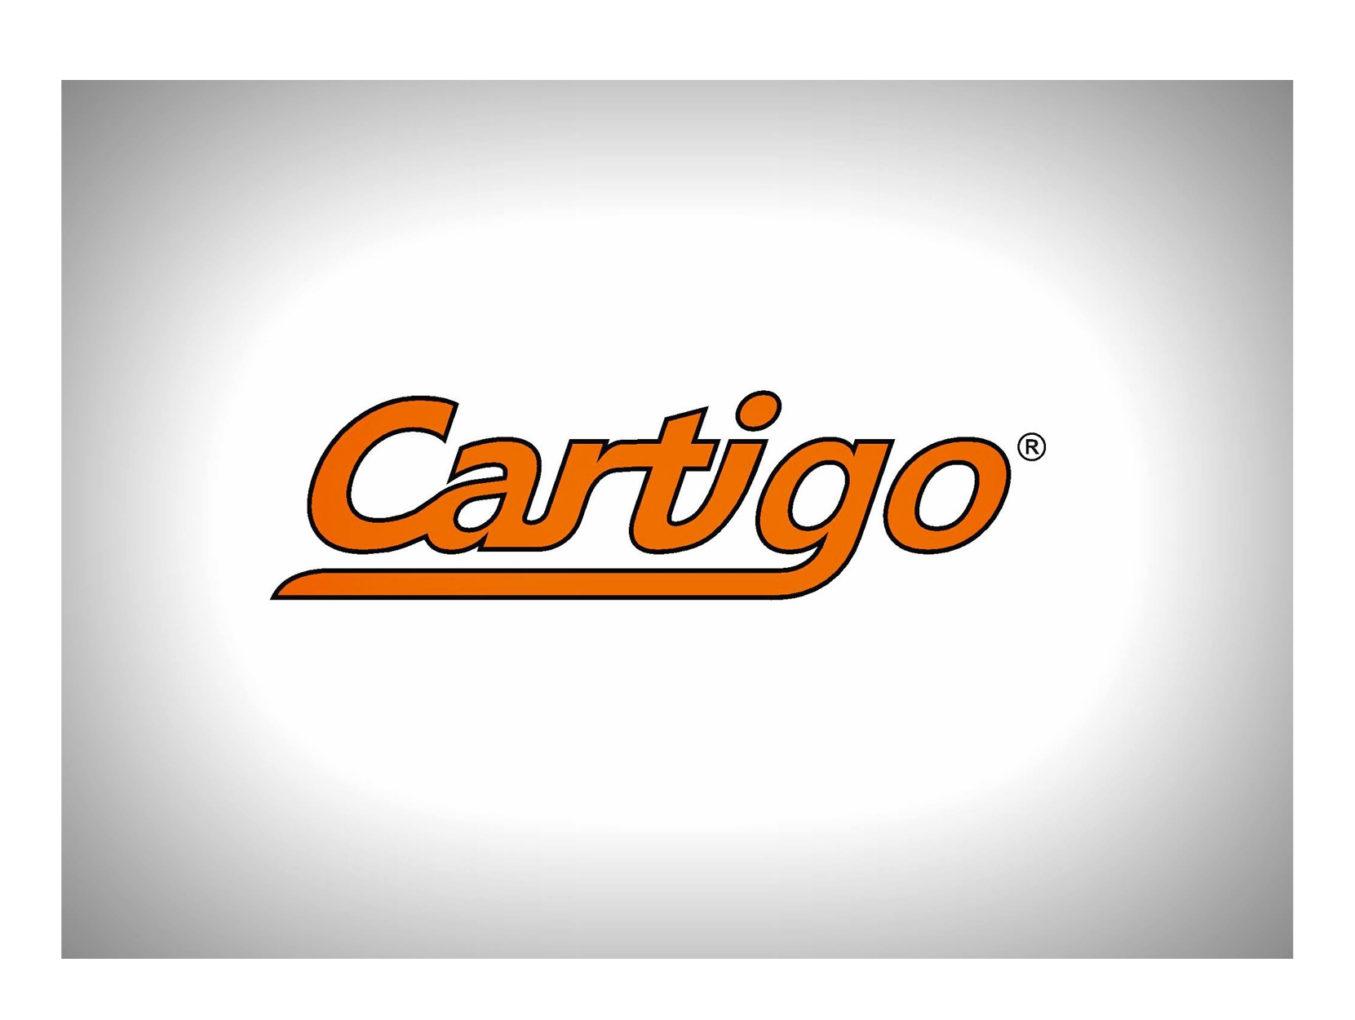 Cartigo